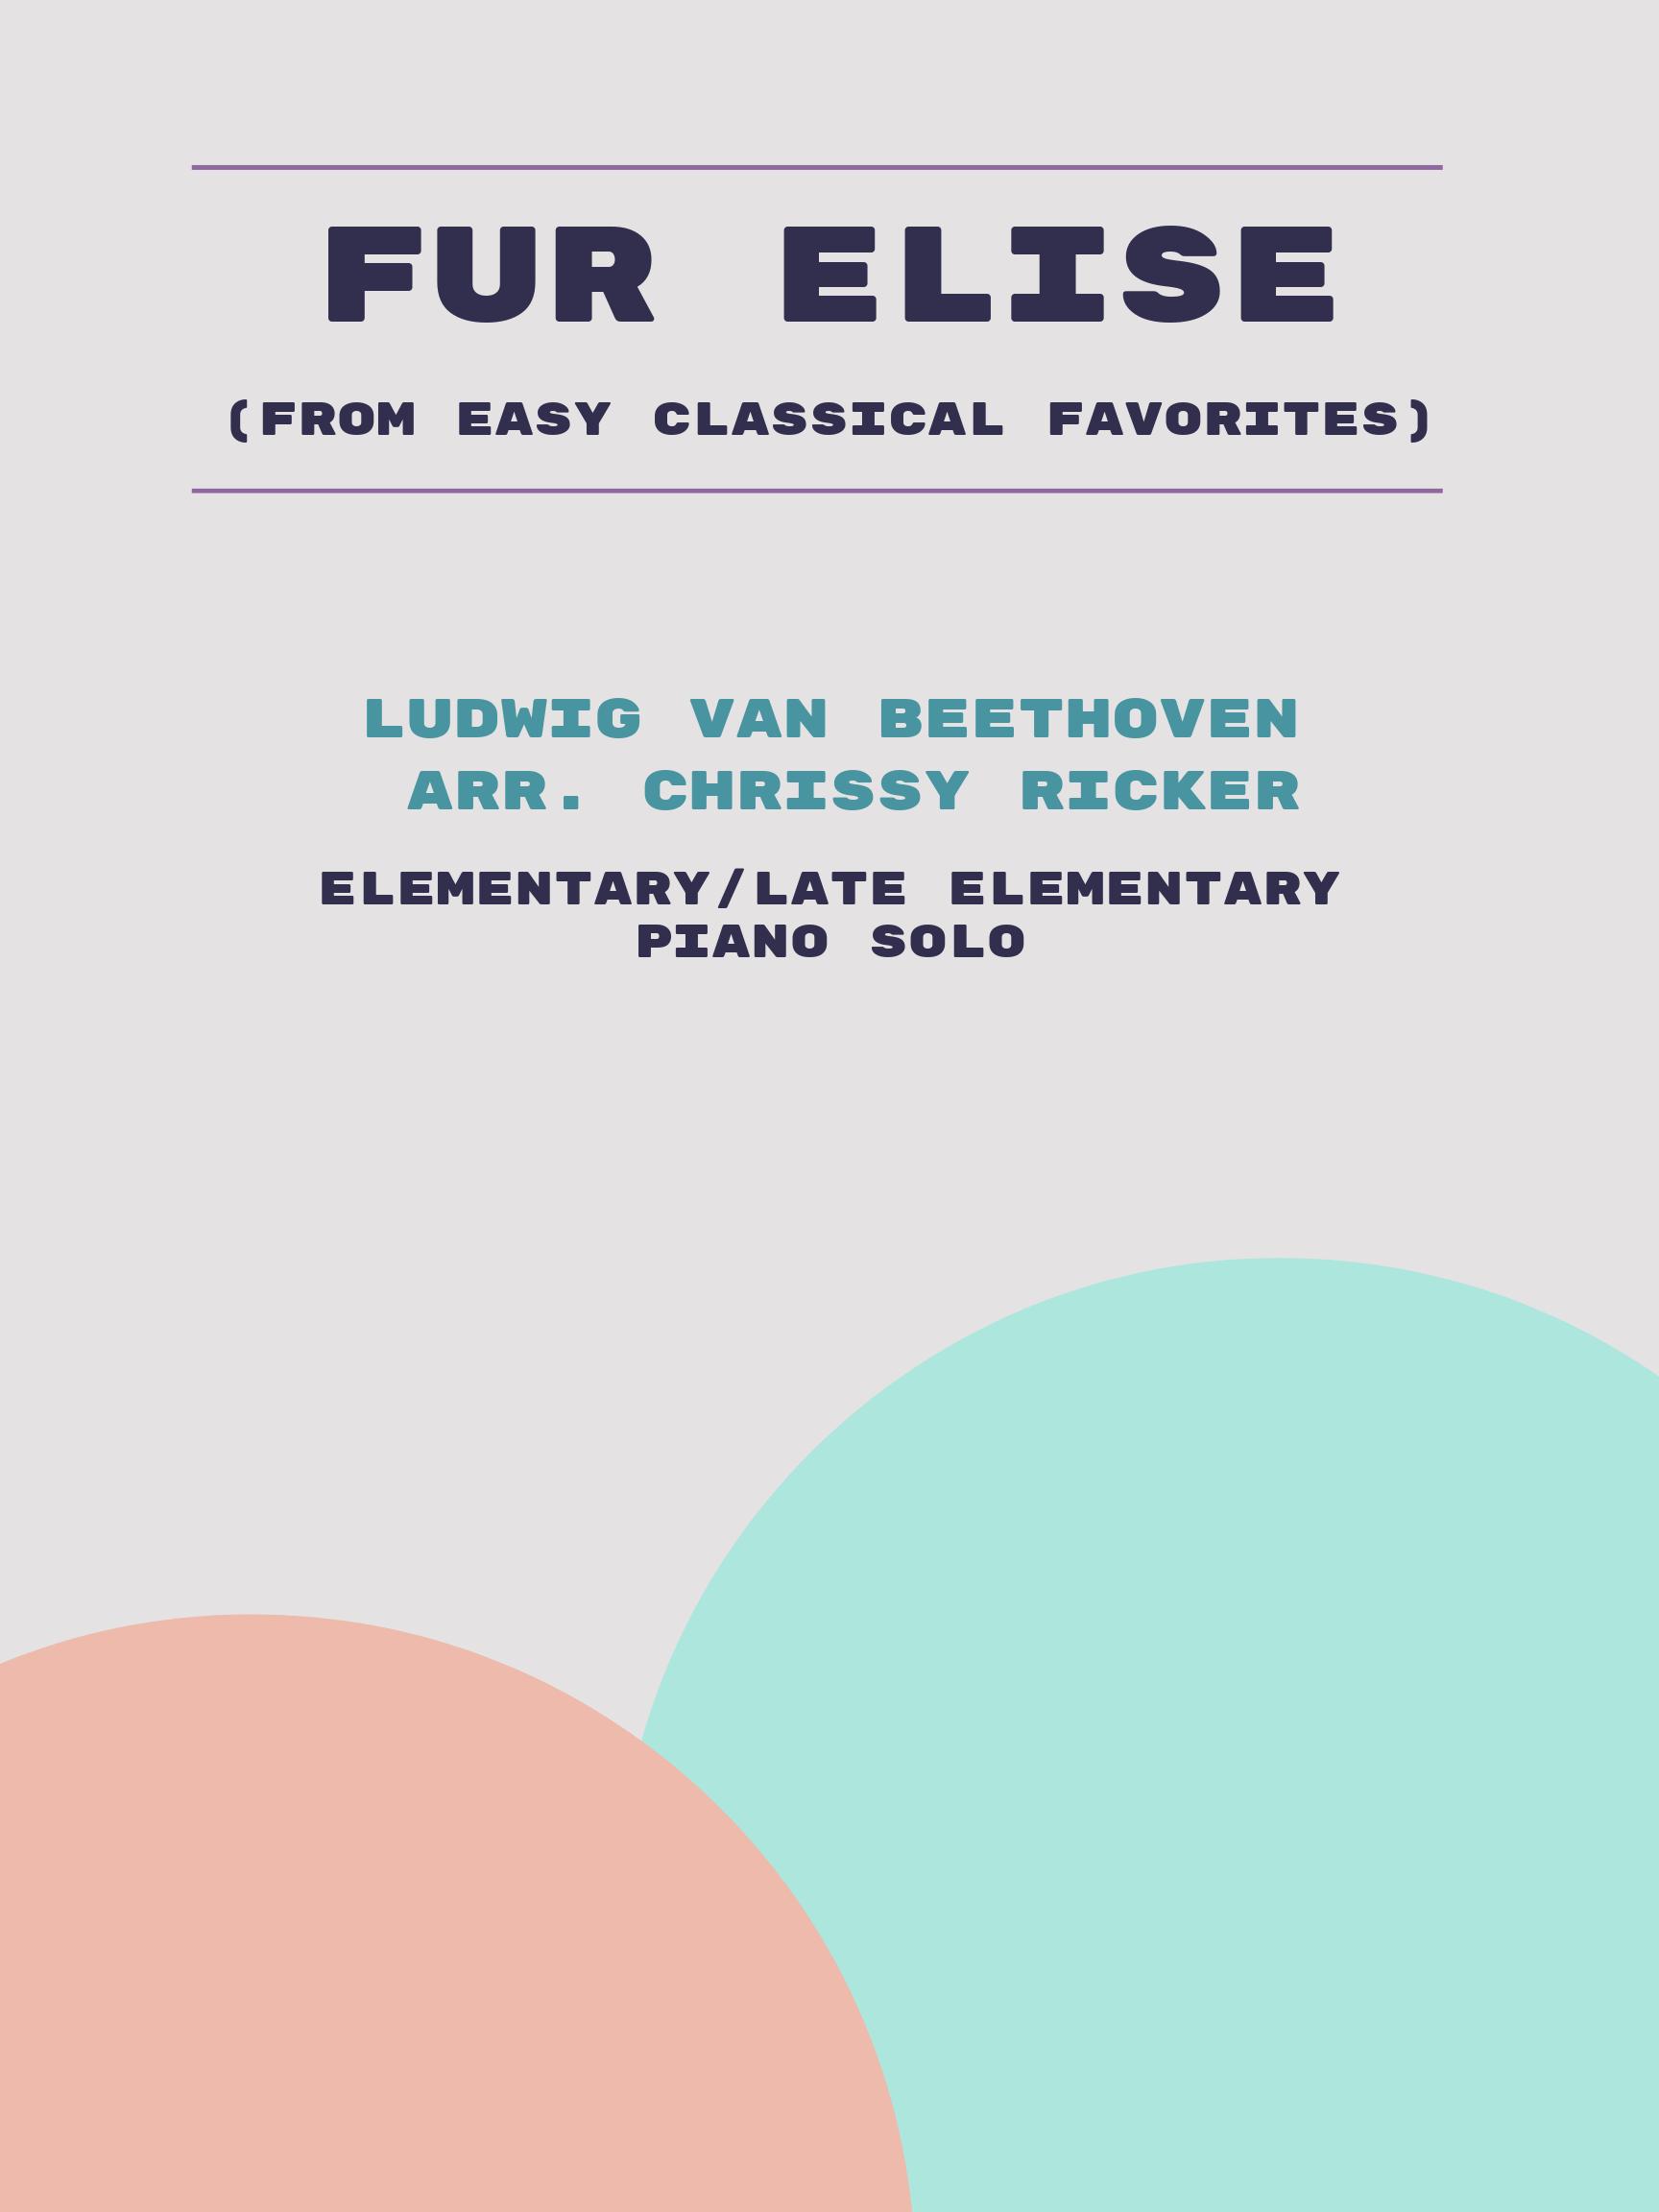 Fur Elise by Ludwig van Beethoven